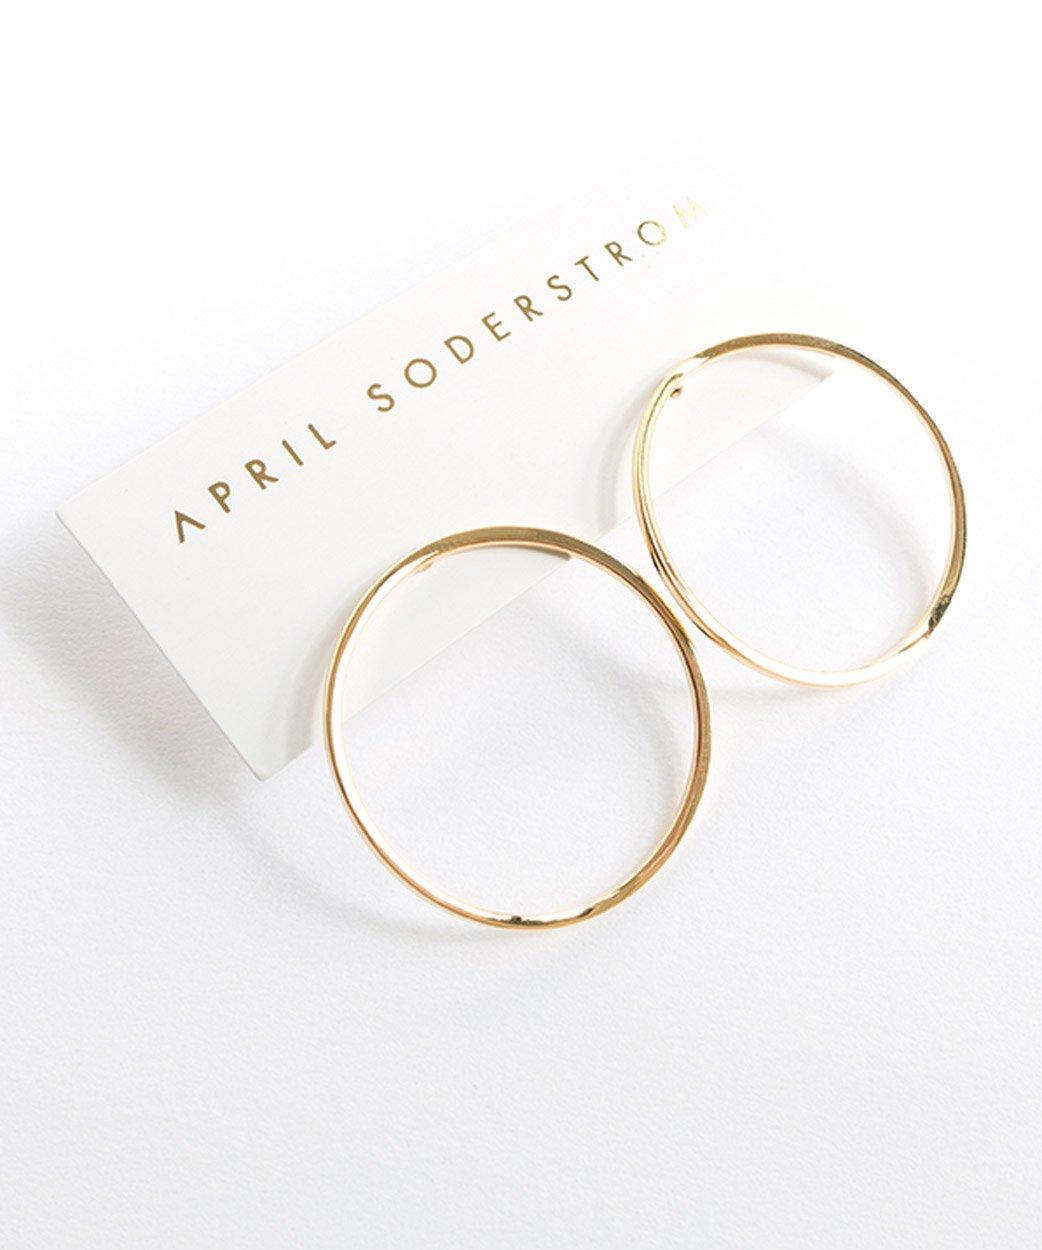 E Cirque Earrings Gold 4